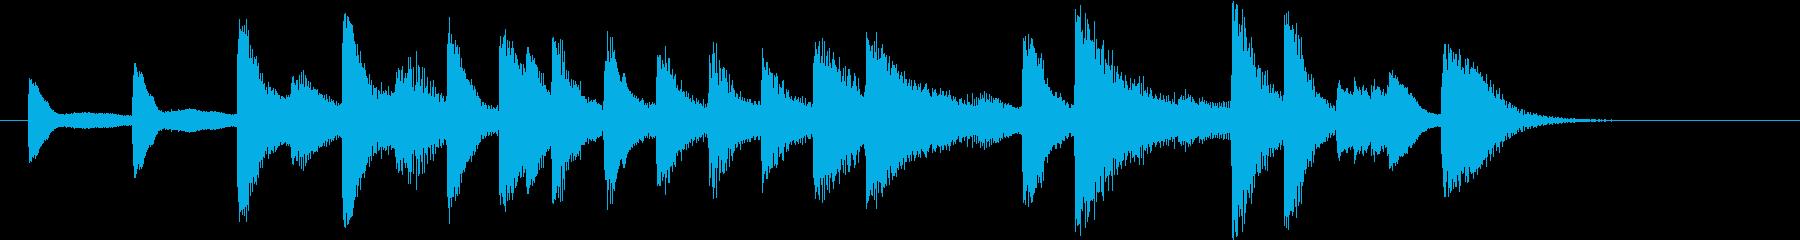 もろびとこぞりてモチーフピアノジングルCの再生済みの波形